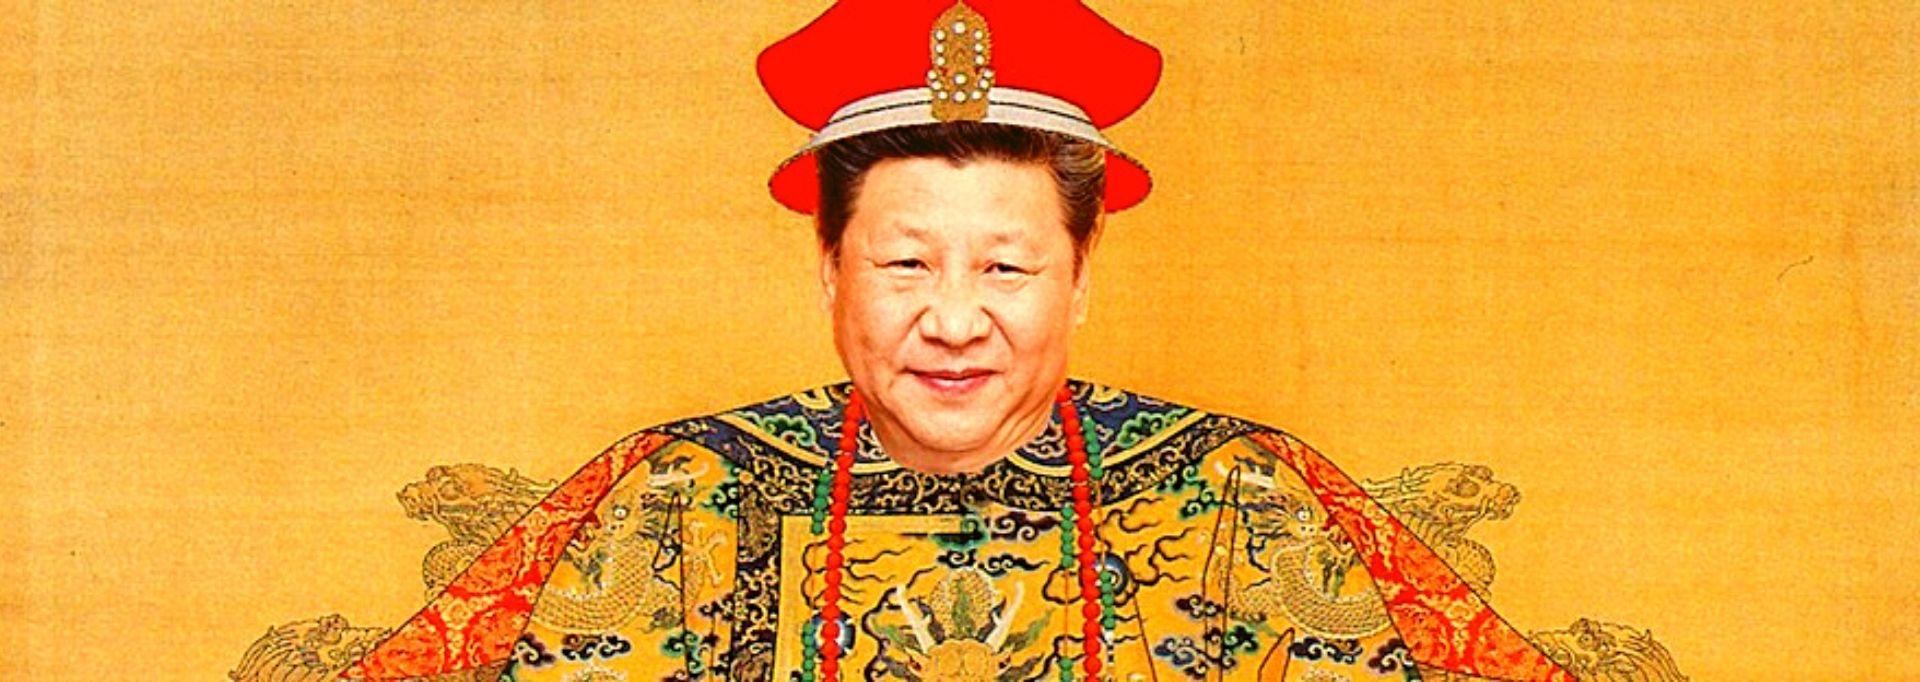 Phân tích loại Chủ nghĩa Xã hội mà Trung Quốc đang theo đuổi.